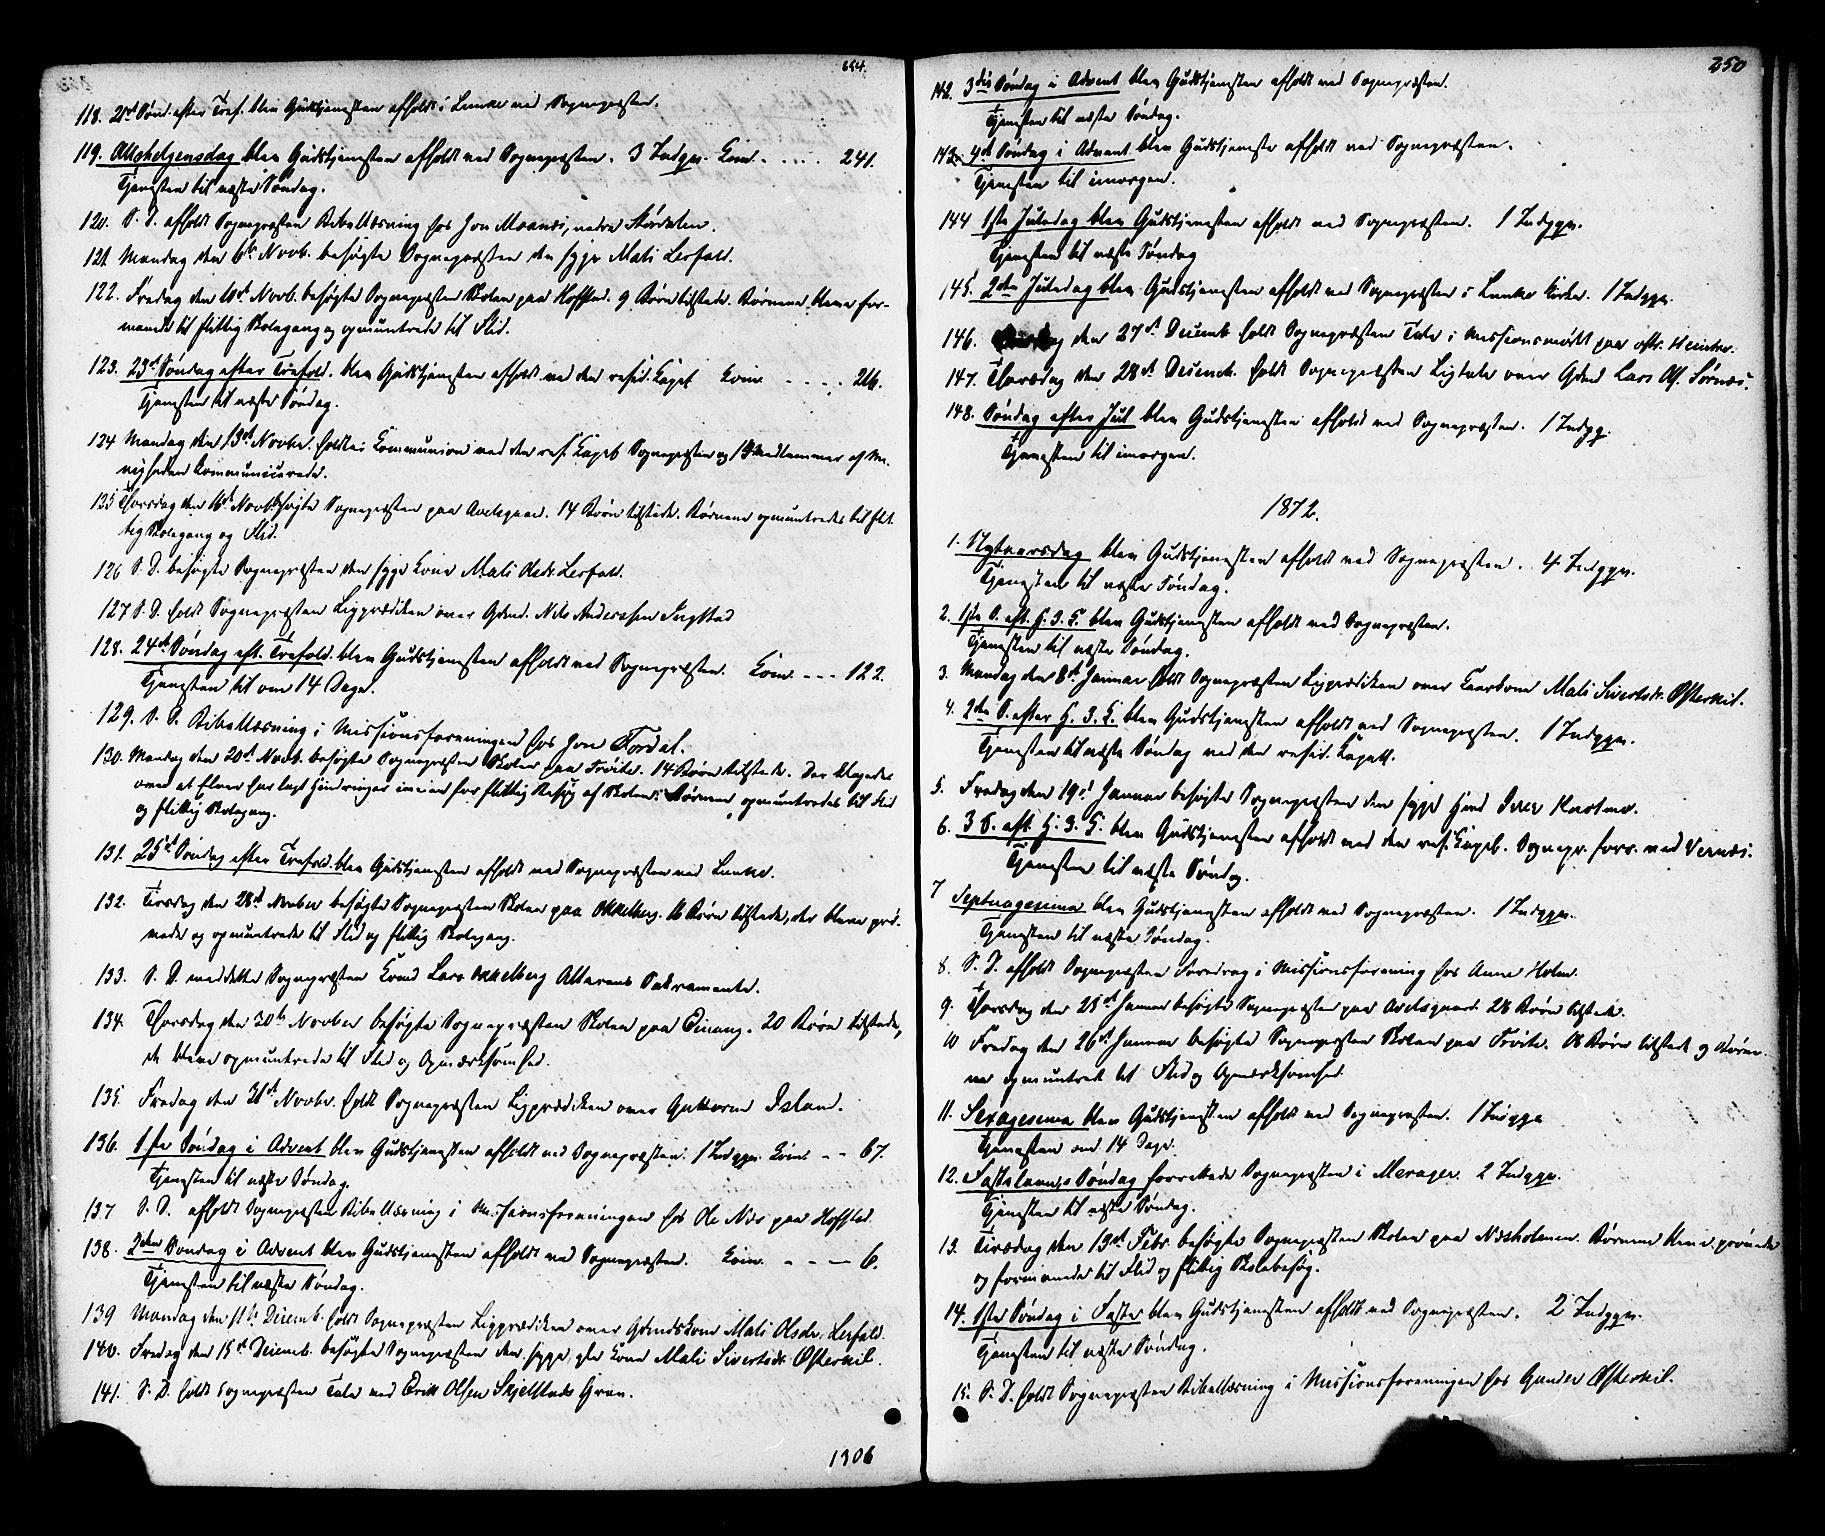 SAT, Ministerialprotokoller, klokkerbøker og fødselsregistre - Nord-Trøndelag, 703/L0029: Ministerialbok nr. 703A02, 1863-1879, s. 250